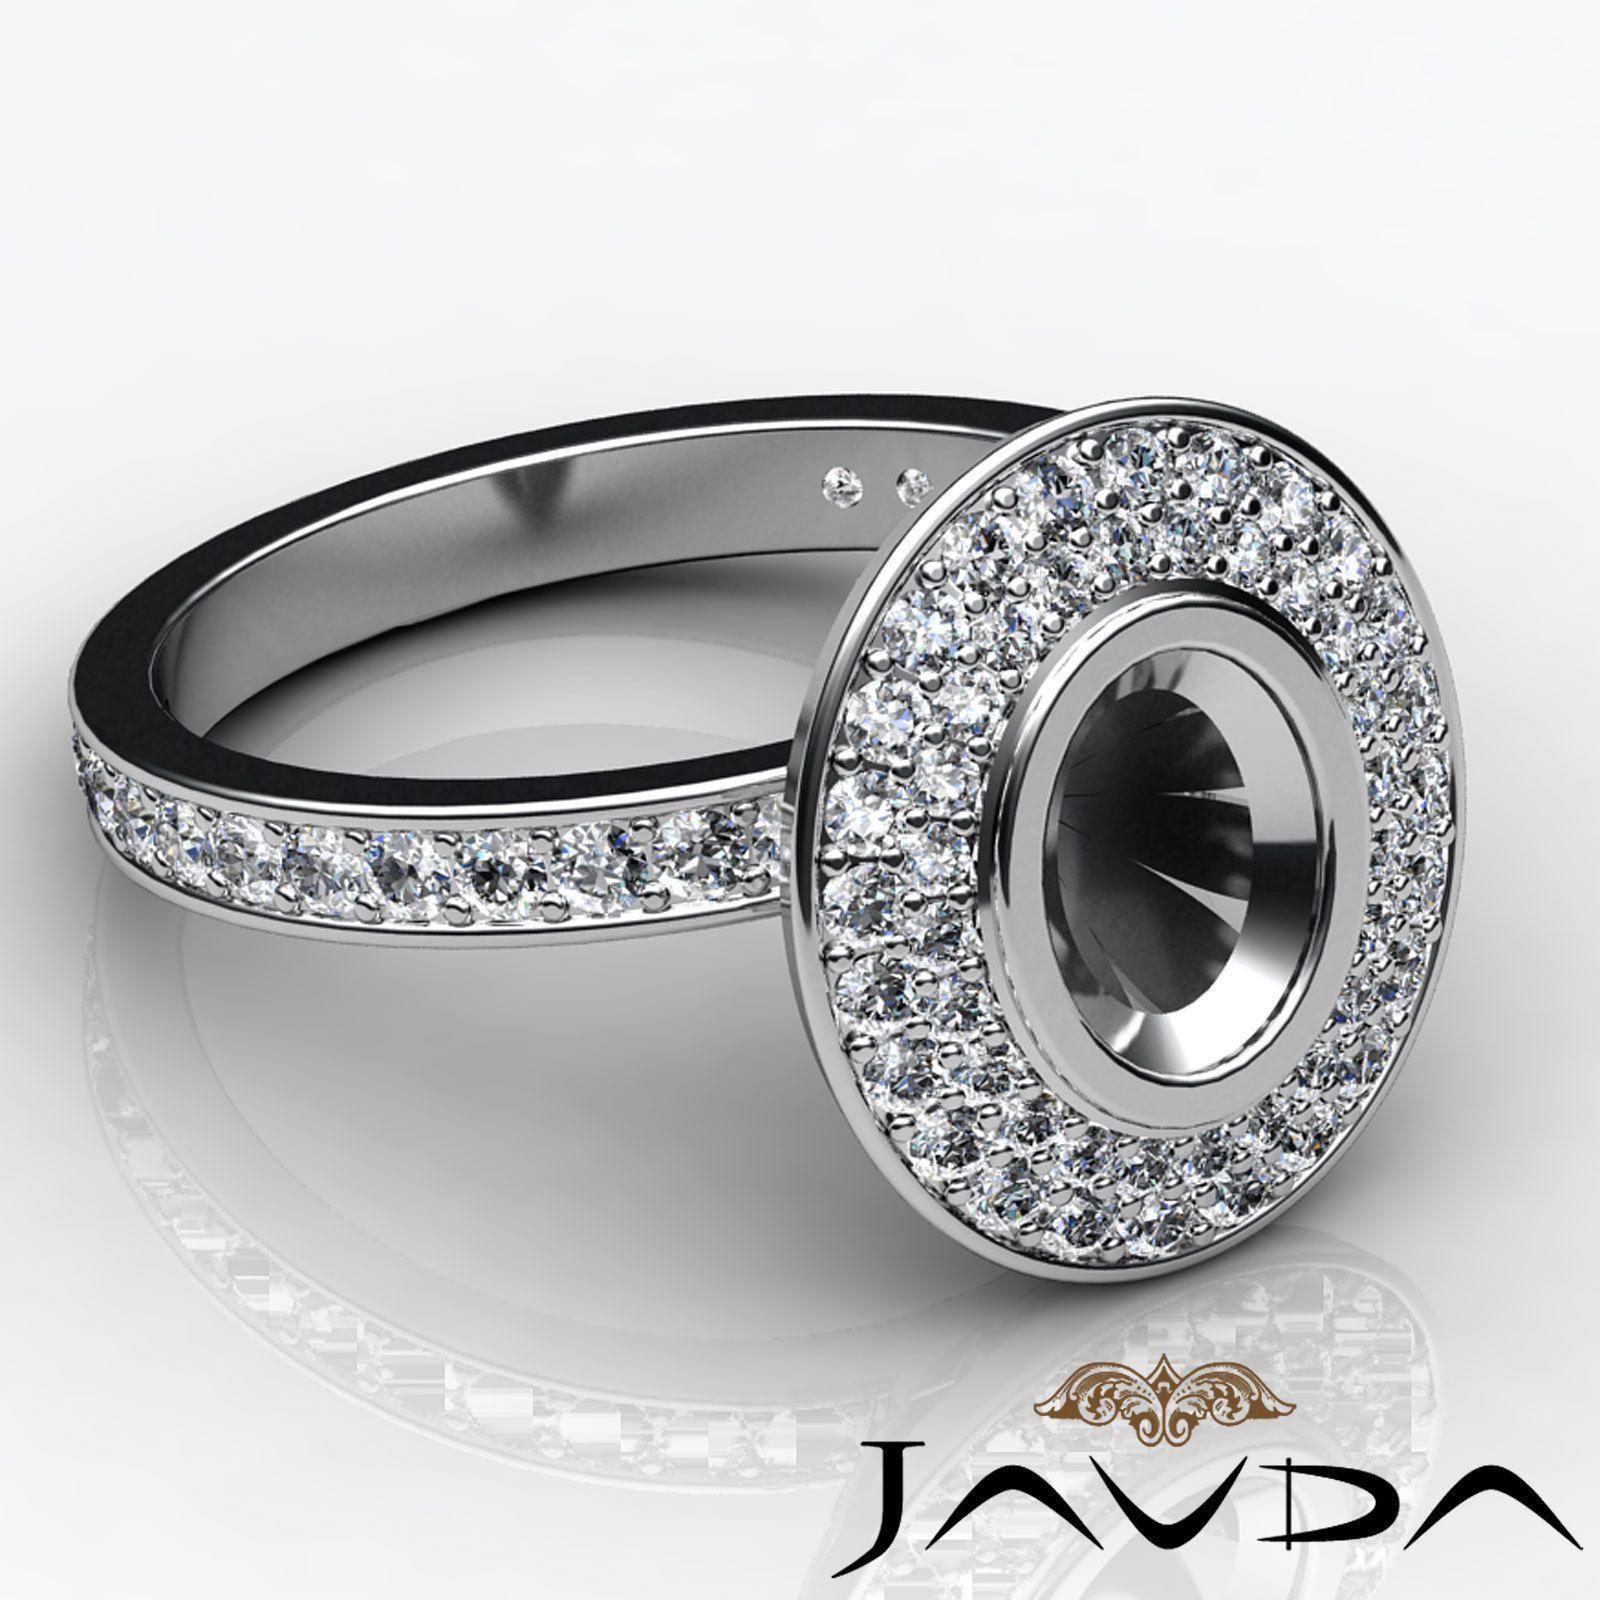 ebay wedding rings sets Diamond Engagement Oval Shape Semi Mount Halo Pave Ring 14k White Gold 0 75ct eBay